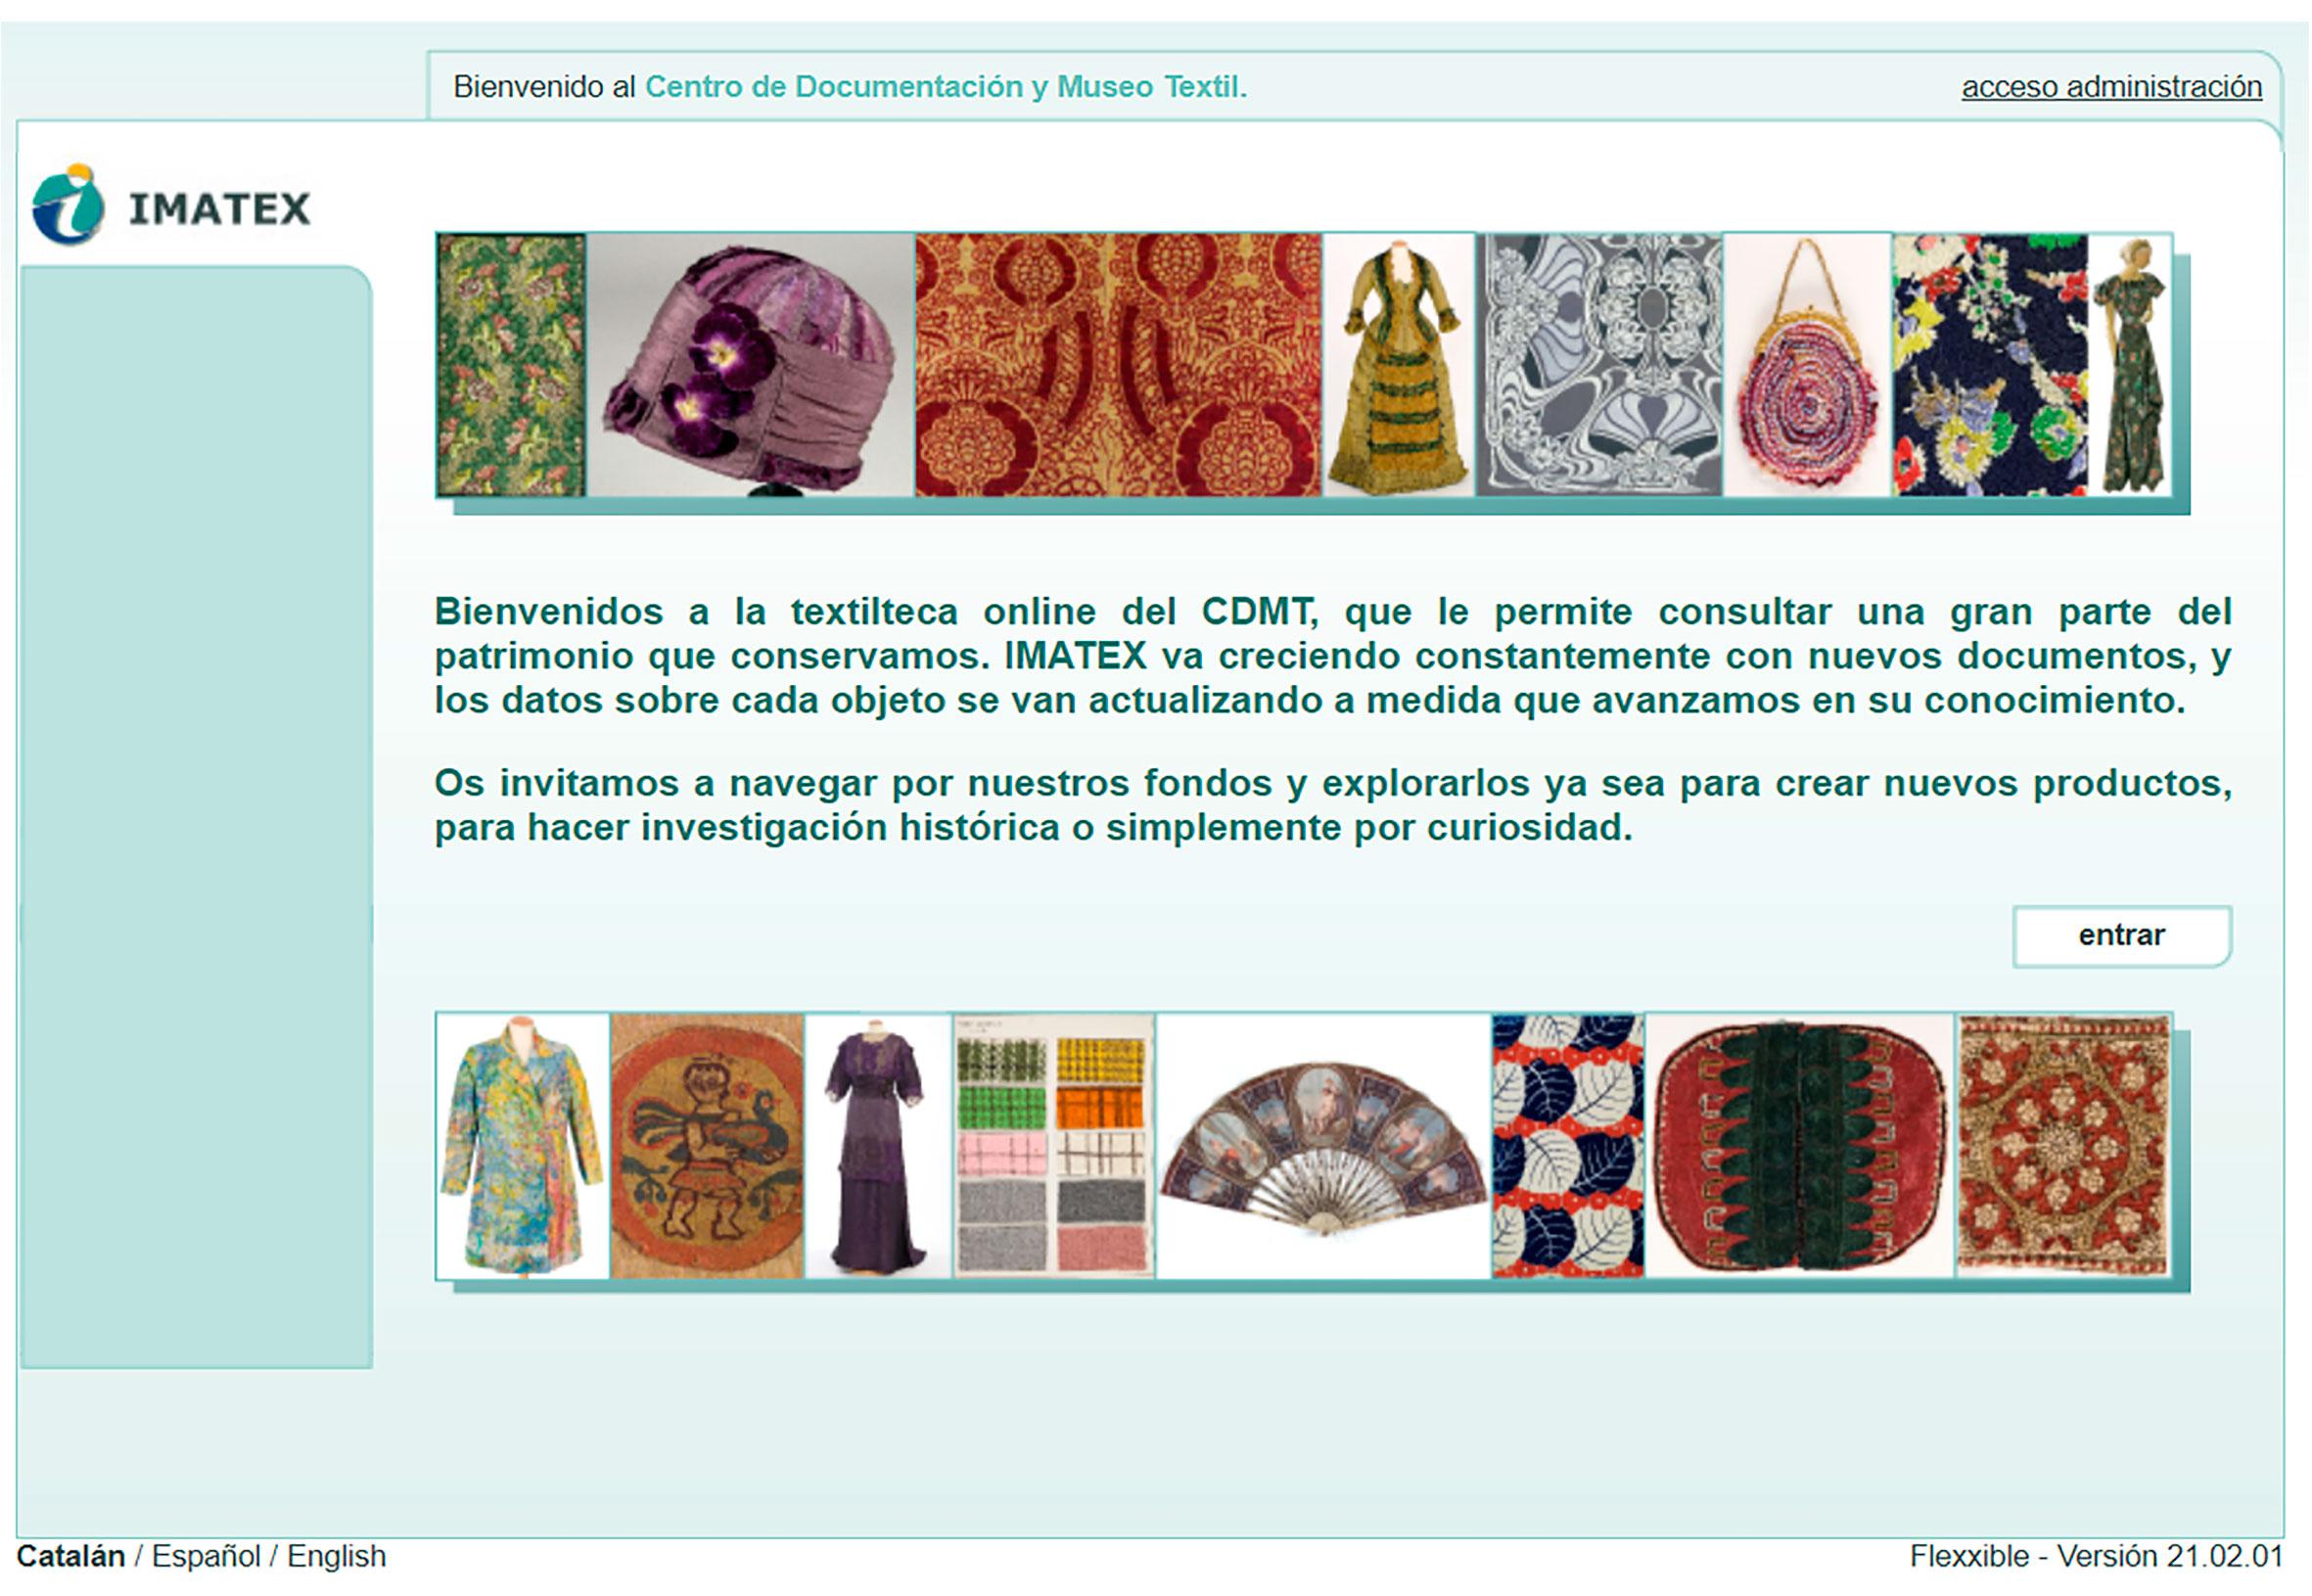 Fondos de indumentaria _ IMATEX _ Museo textil de Terrassa